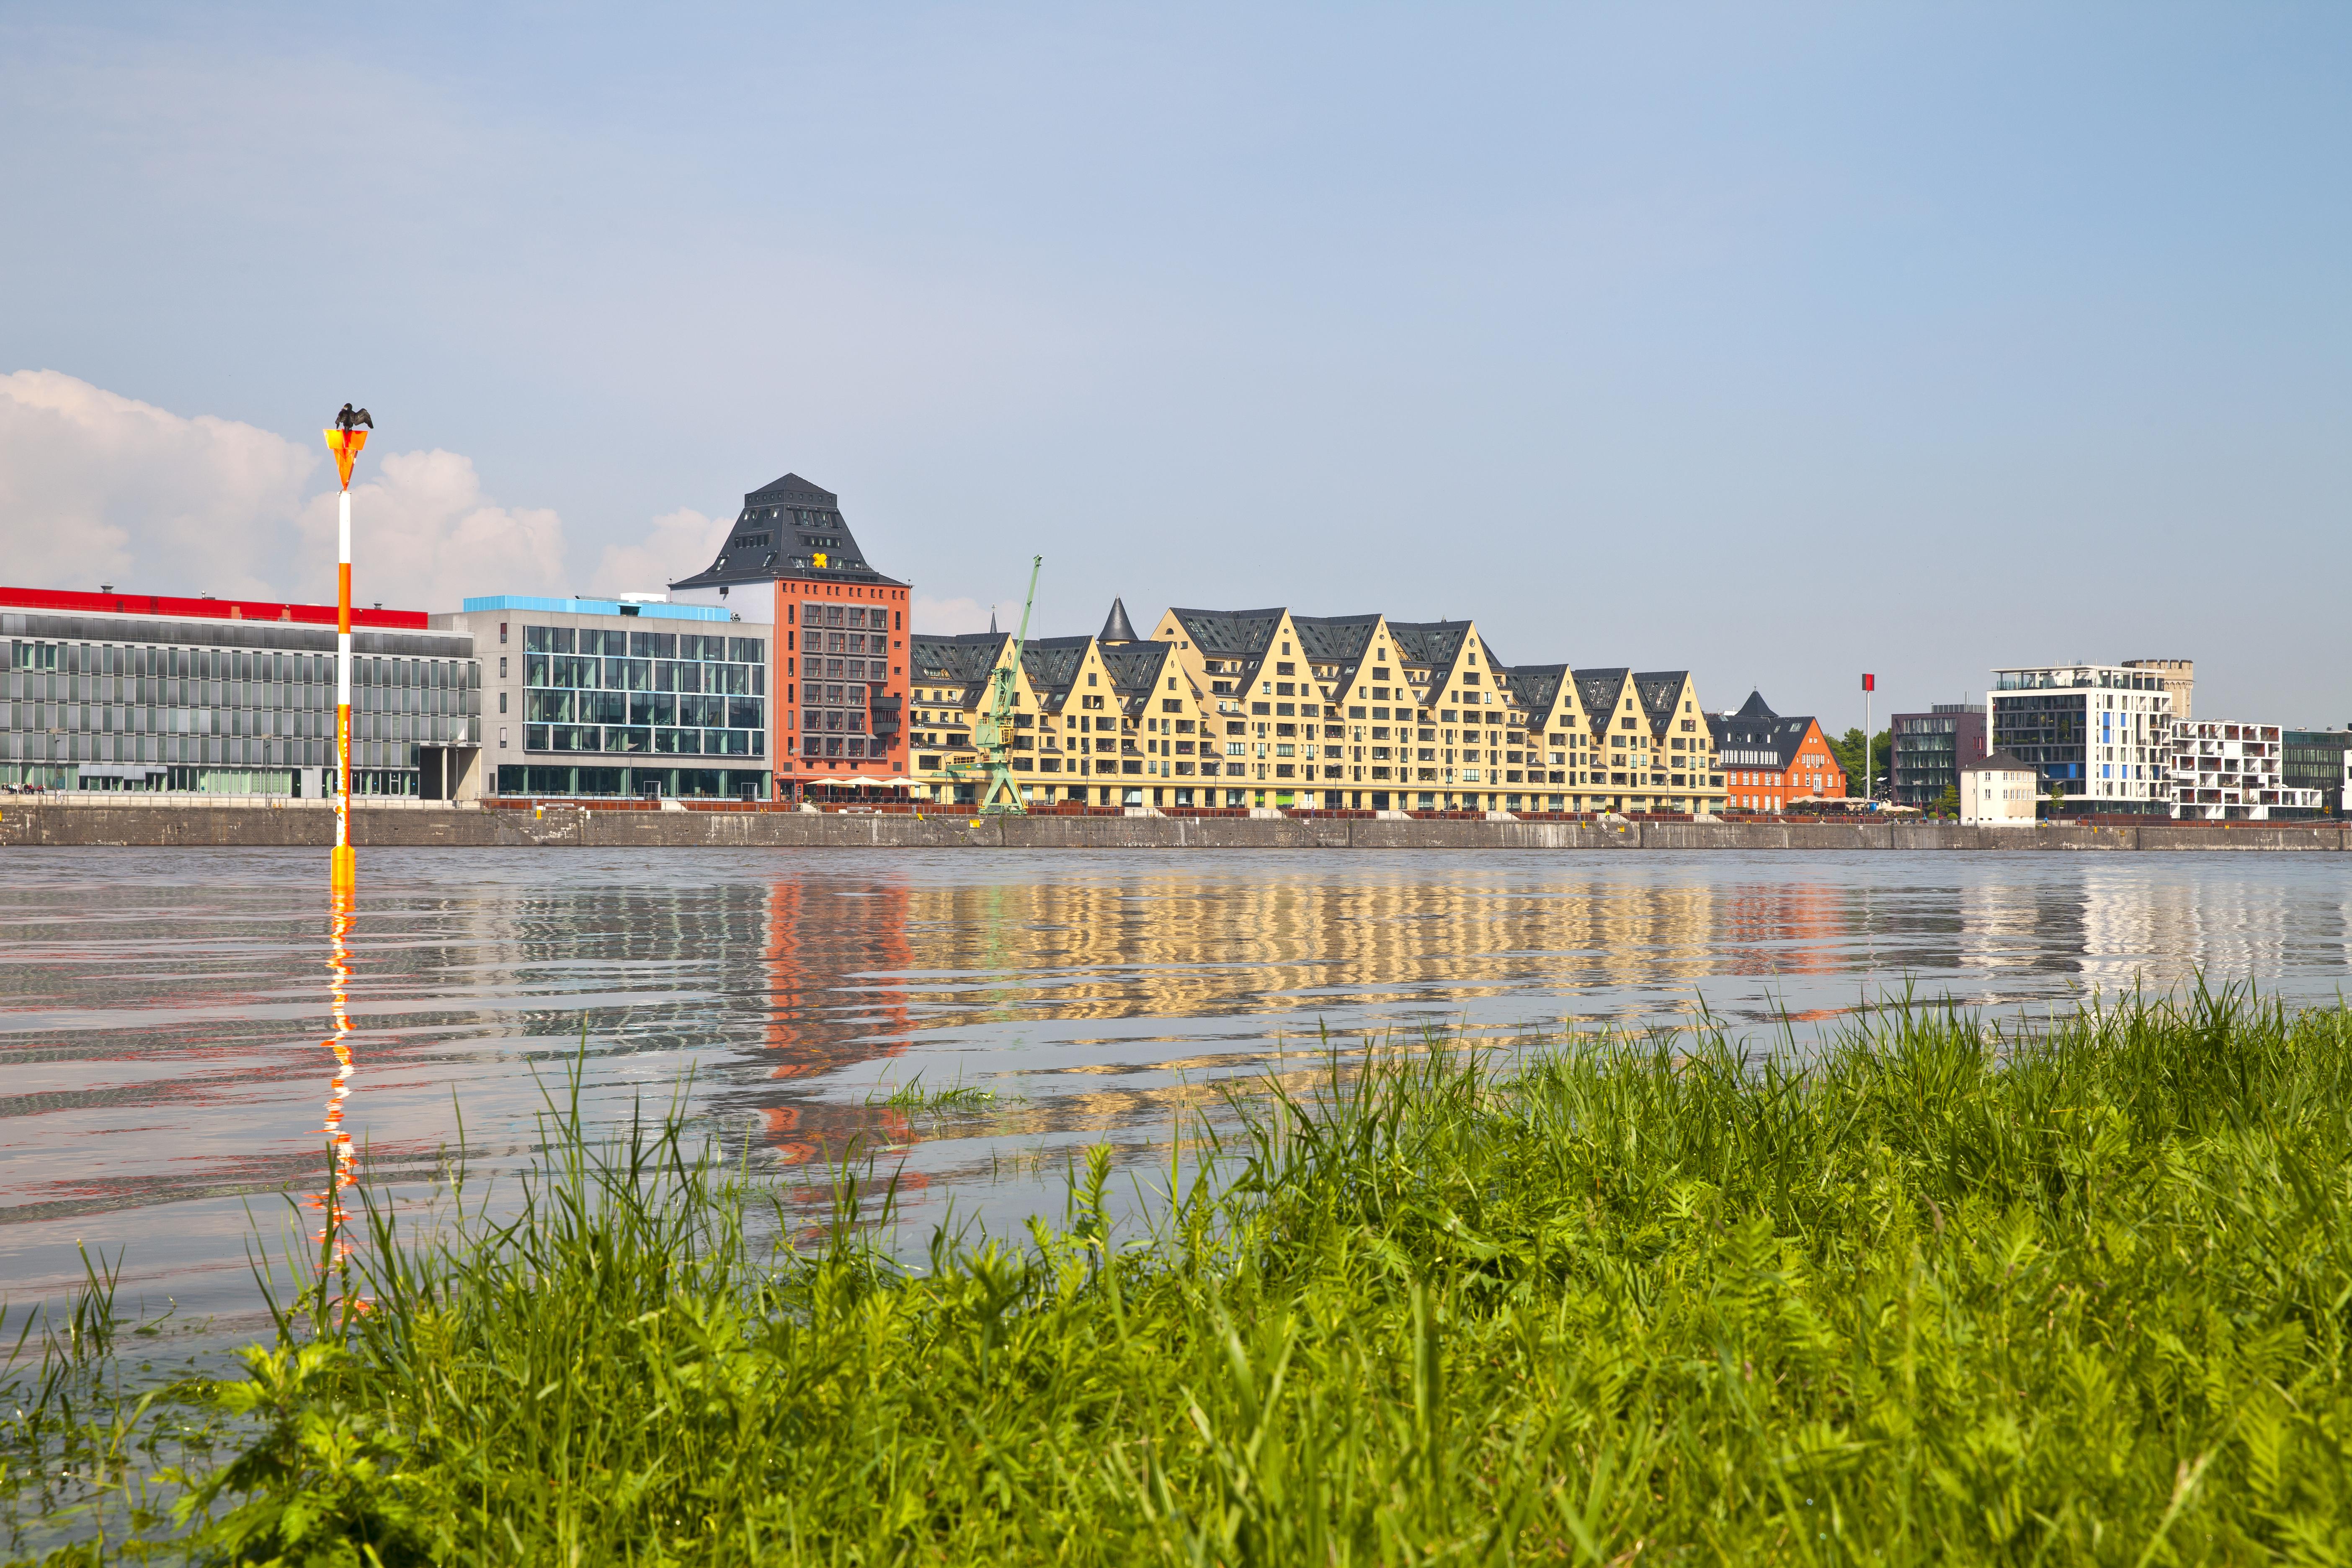 Rheinauhafen en Colonia - Bélgica Circuito La Ruta de Carlomagno